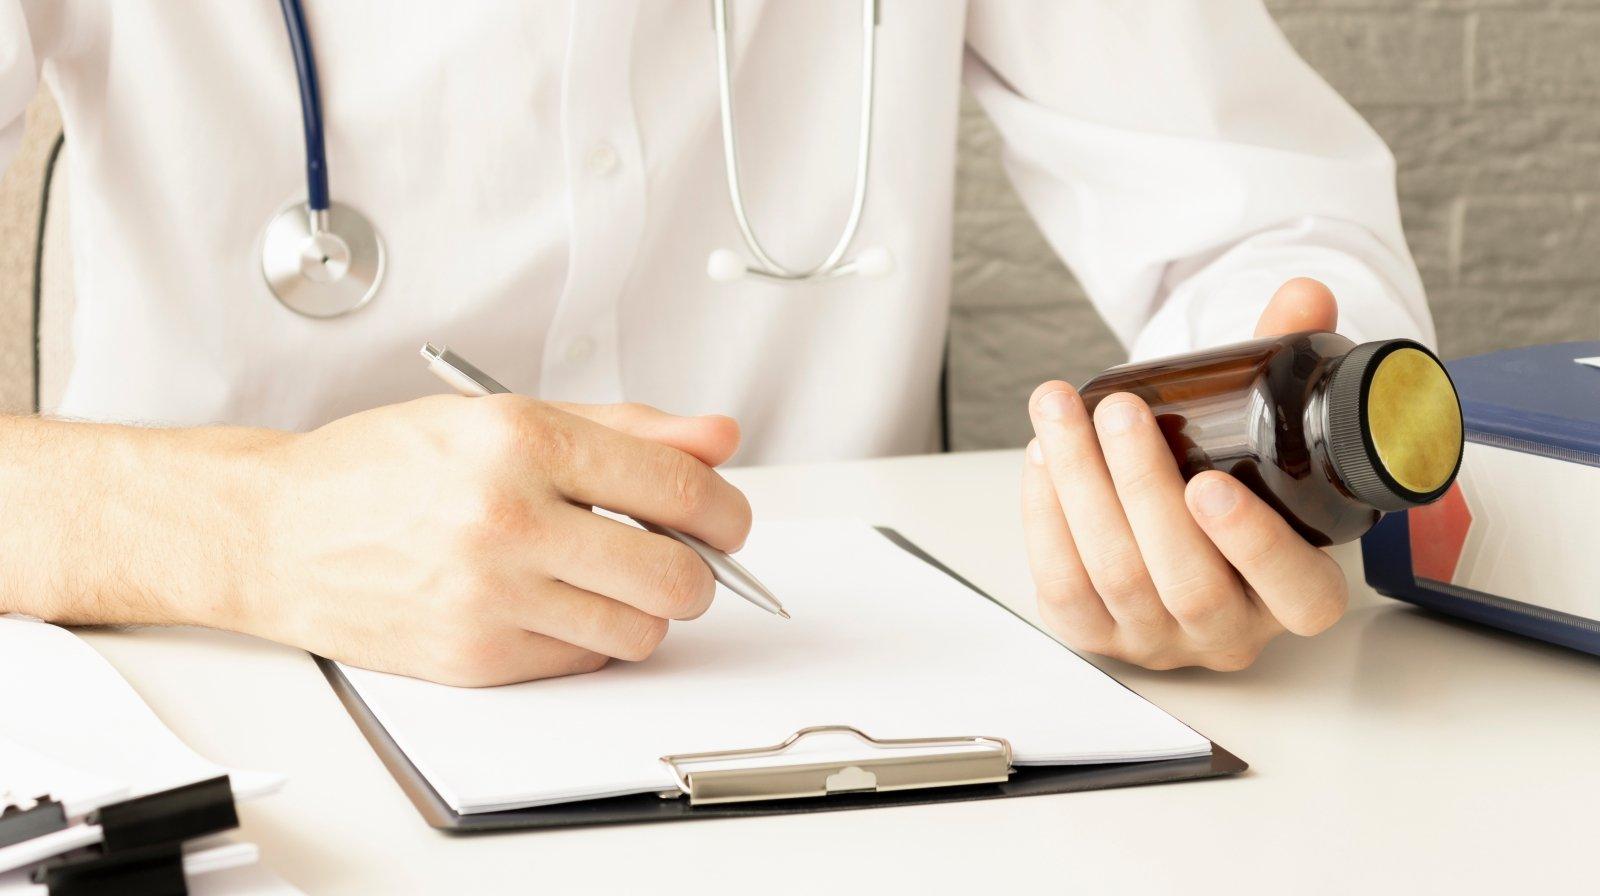 hipertenzijos prevencija vyresniame amžiuje naudojant liaudies vaistus